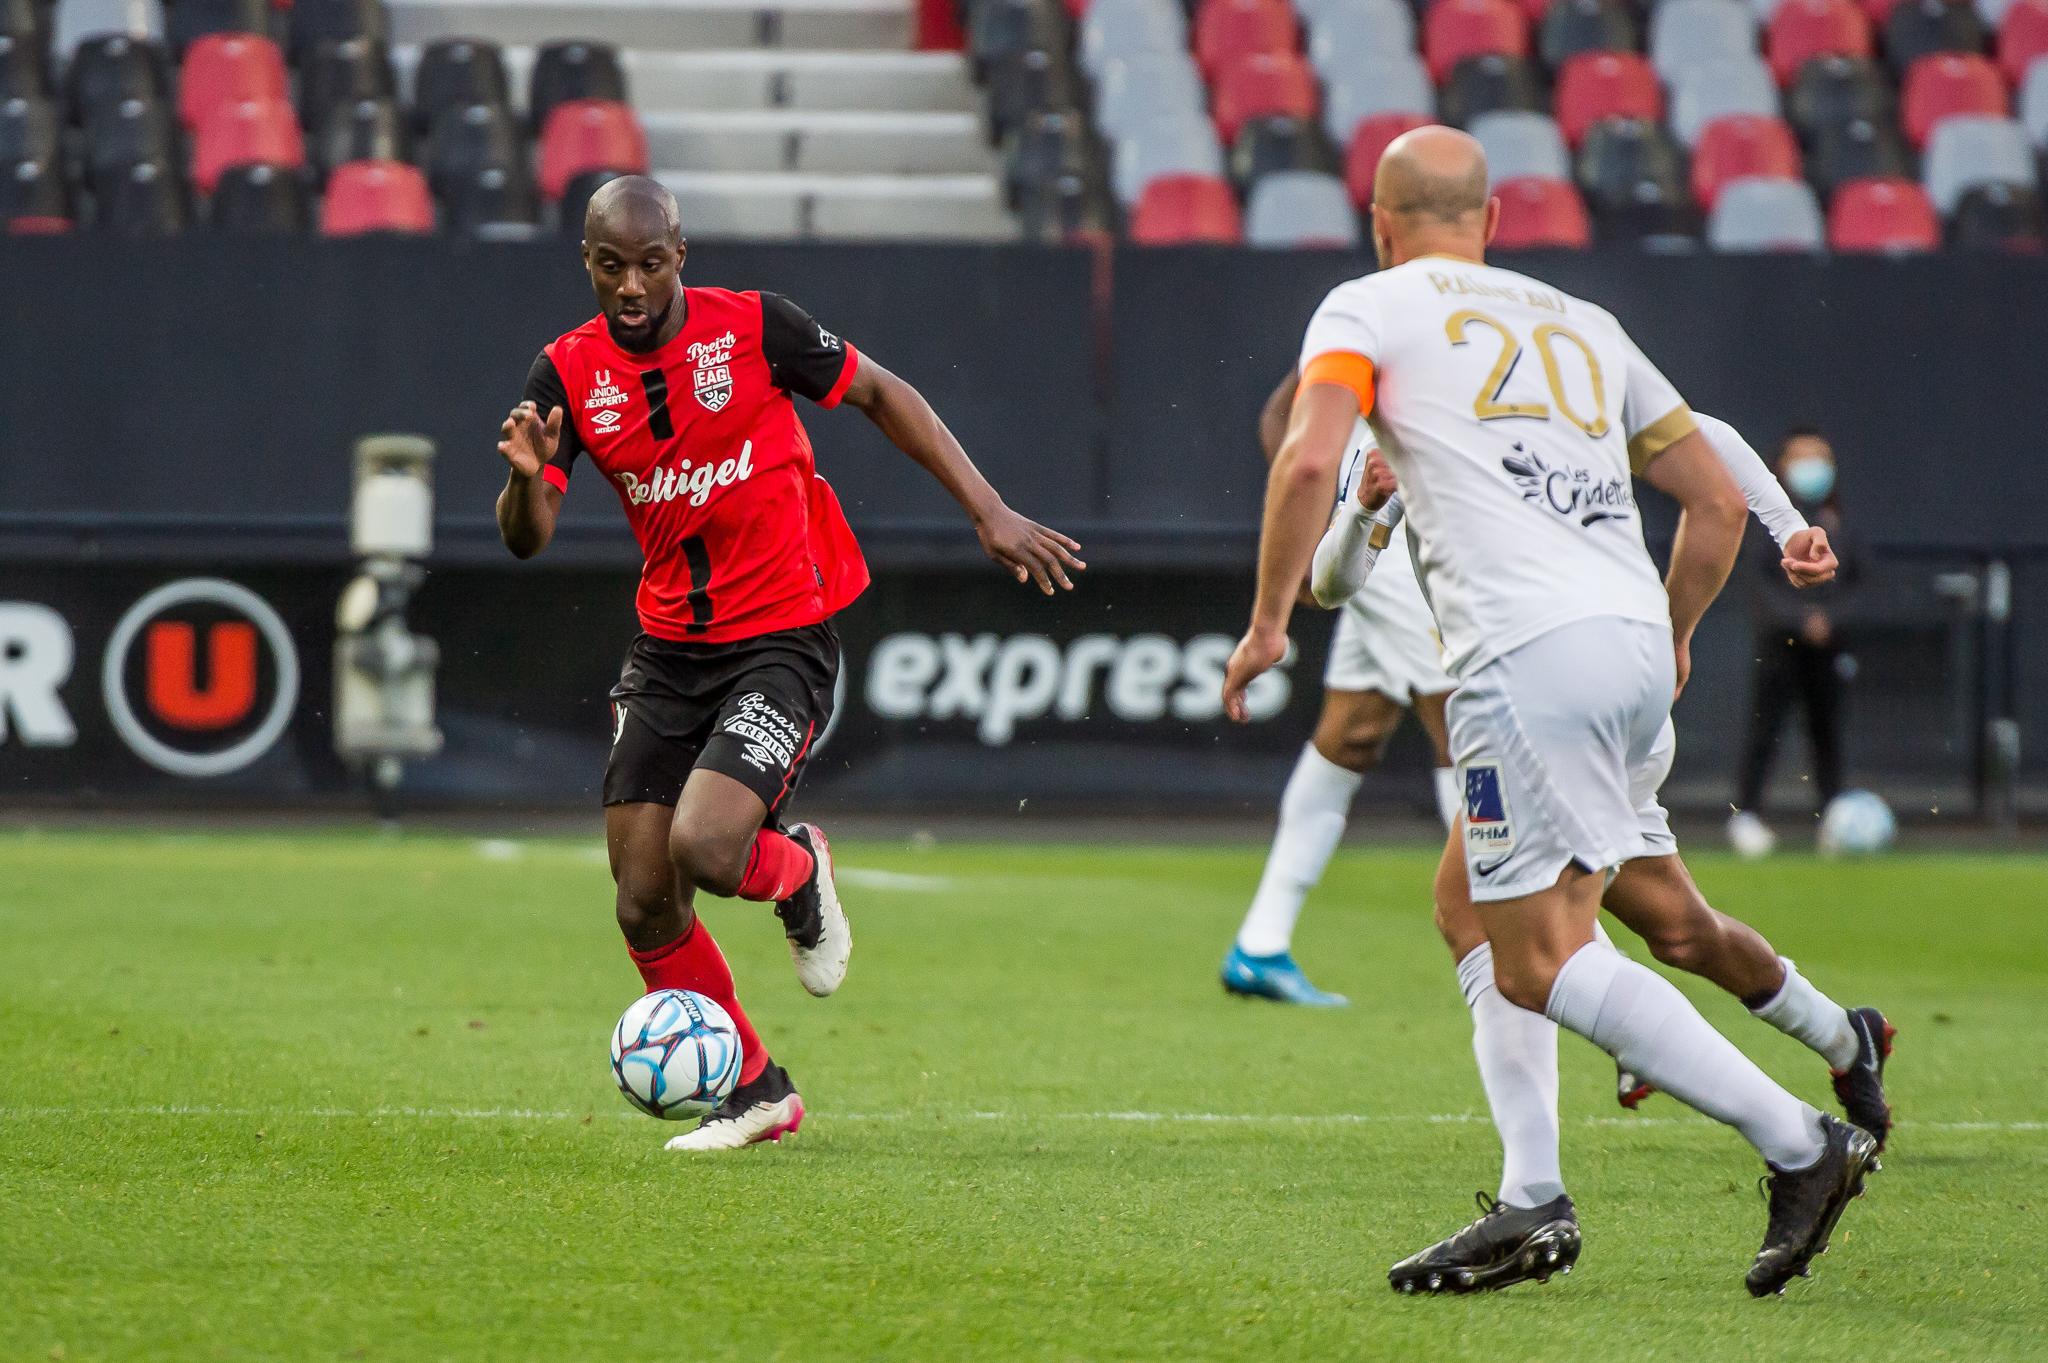 EA Guingamp La Berrichonne Châteauroux J37 Ligue 2 BKT EAGLBC 2-0 Stade de Roudourou FRA_5693